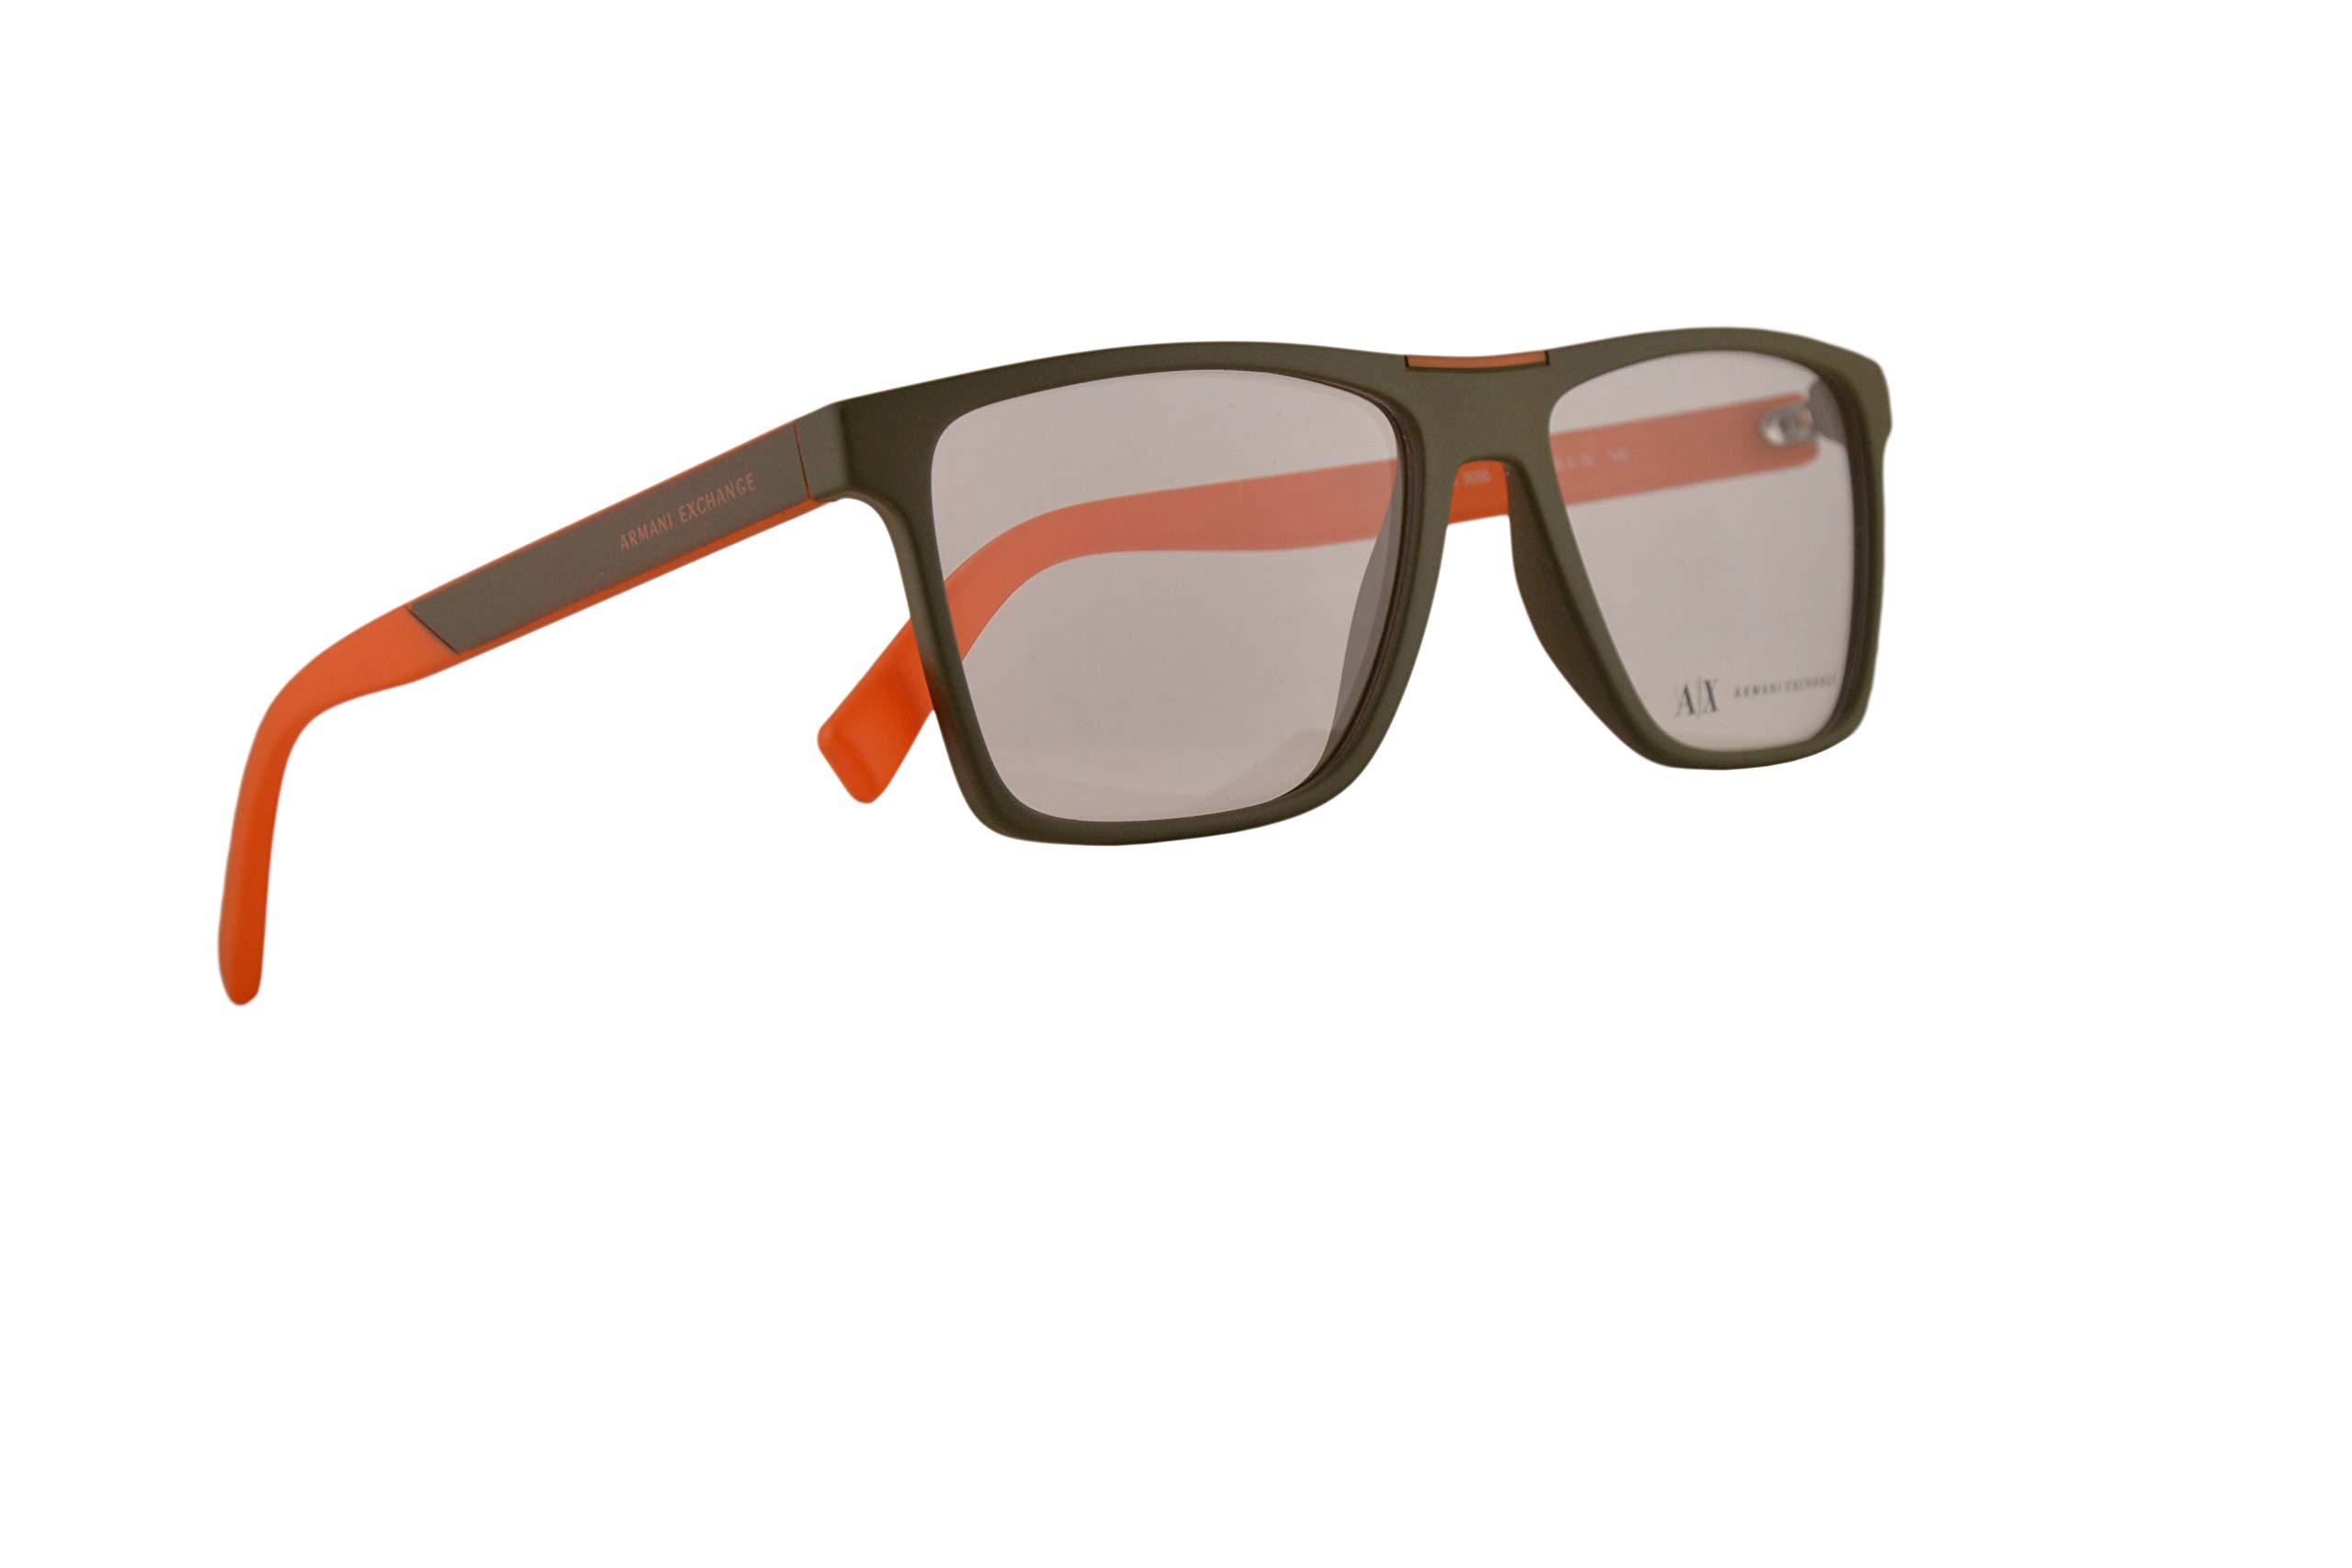 Armani Exchange AX3055 Eyeglasses 55-16-145 Matte Army Green w/Clear Demo Lens 8272 AX 3055 by A|X Armani Exchange